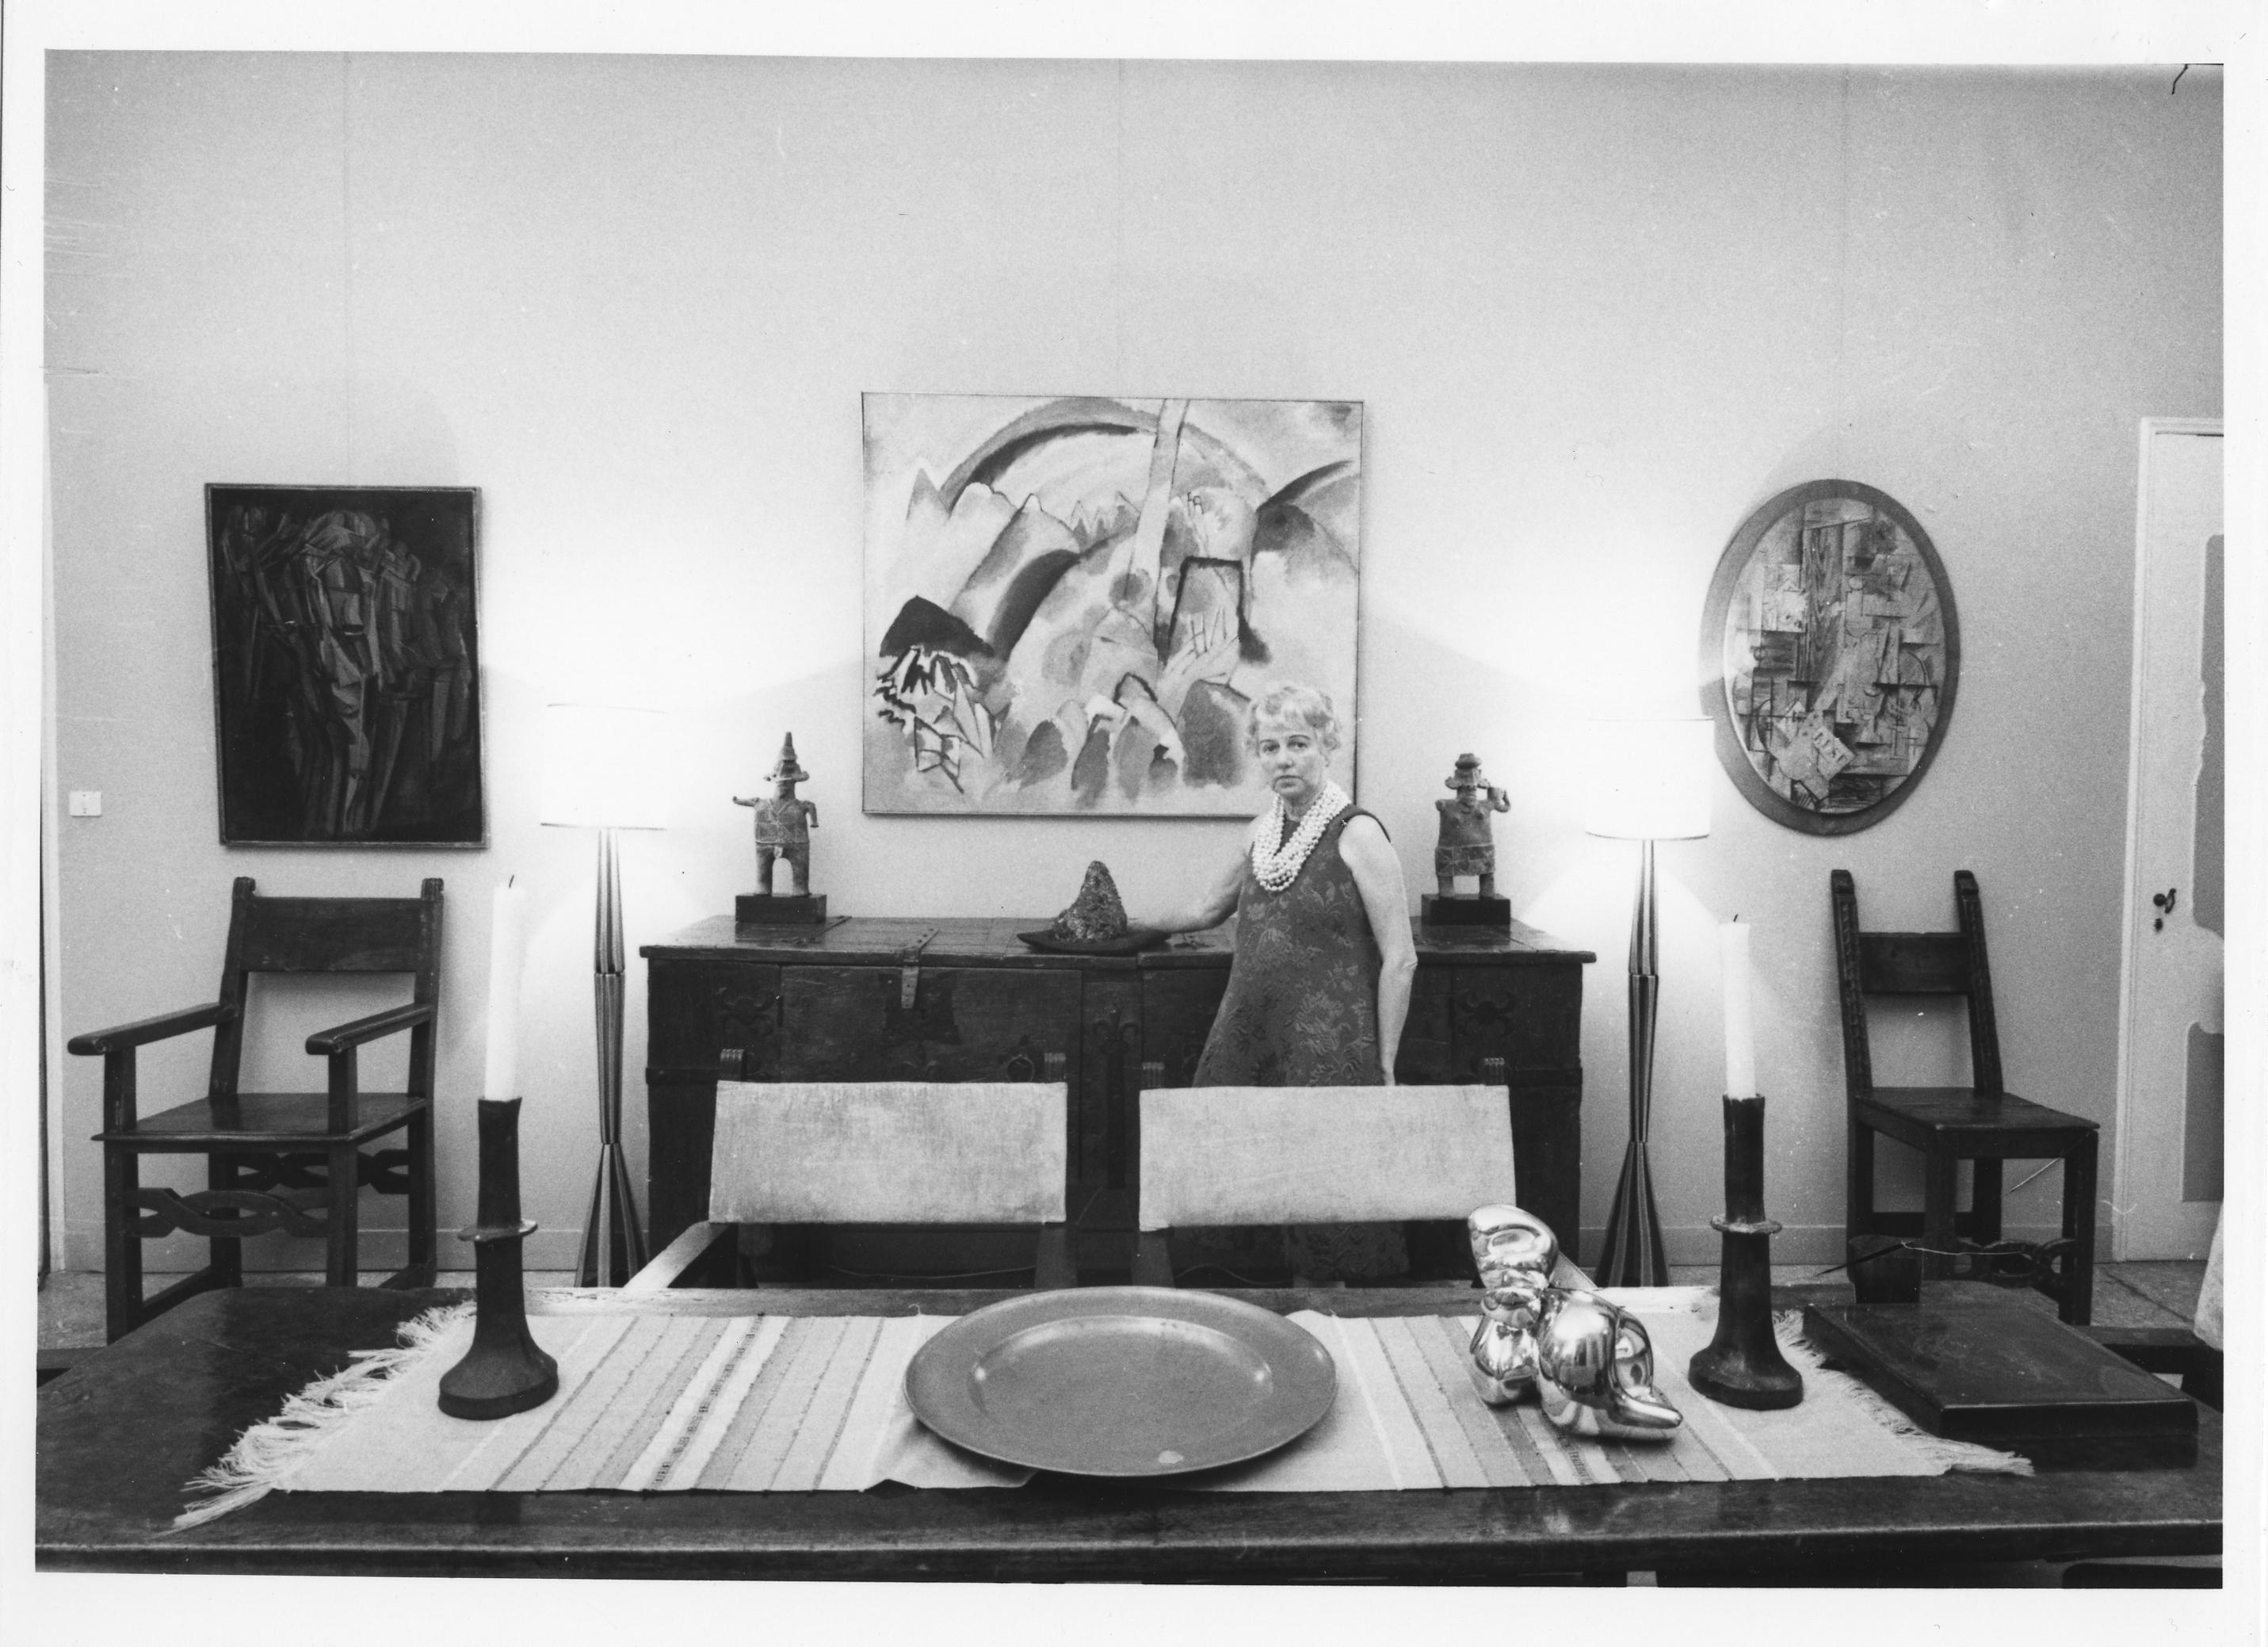 Peggy Guggenheim na sala de jantar do Palazzo Venier dei Leoni, sua residência veneziana, que hoje abriga a fundação com seu nome (Foto: Archivio Cameraphoto Epoche, Cortesia Peggy Guggenheim)